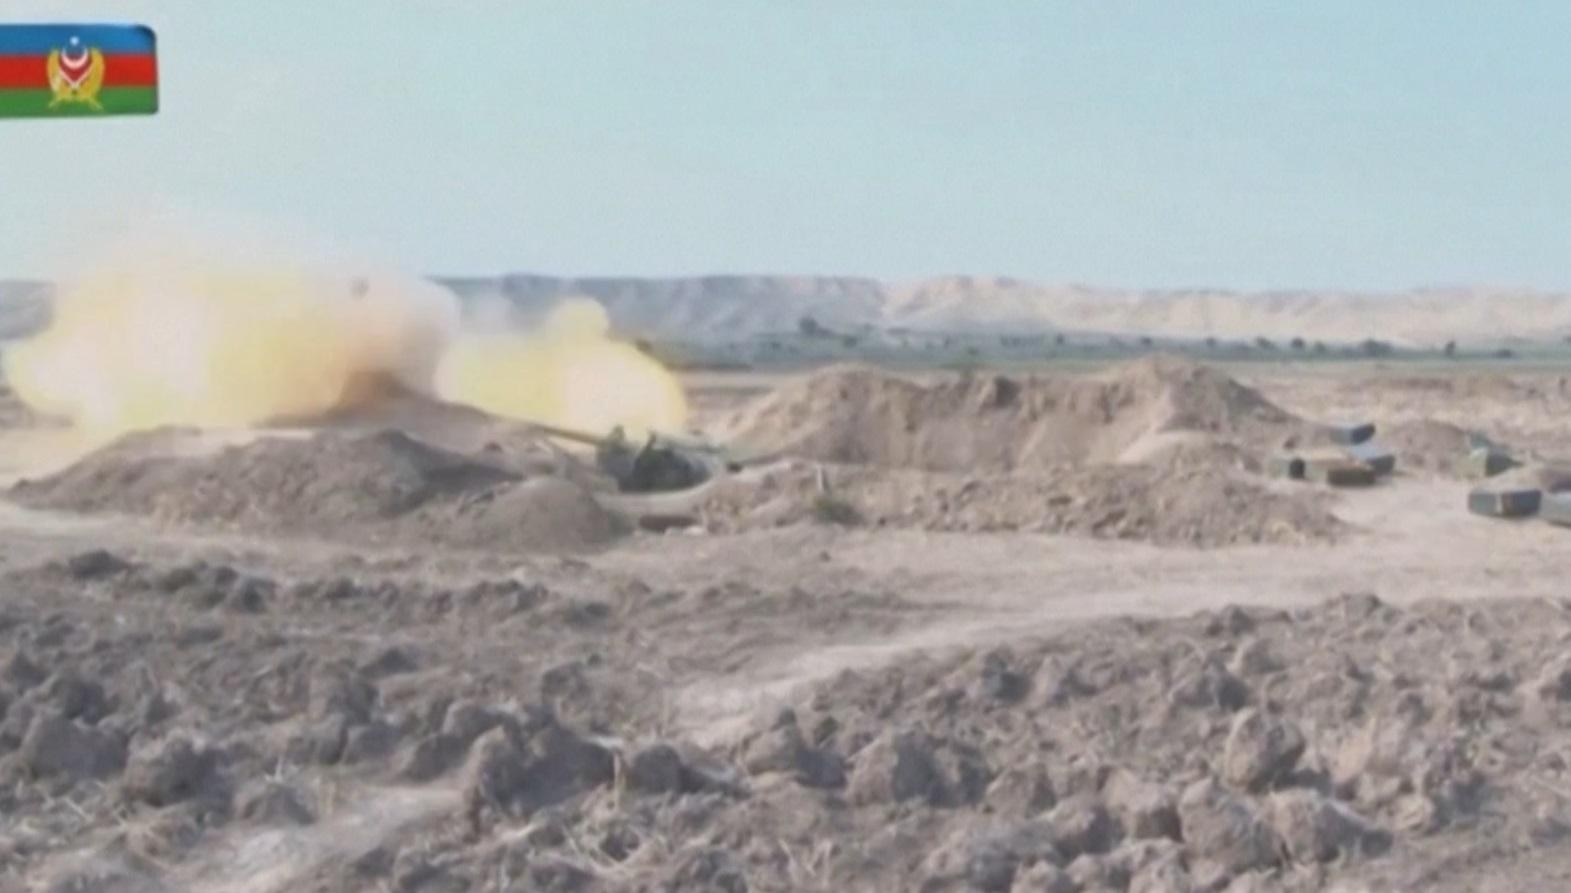 O Azerbaijão e a Armênia se acusam mutuamente de disparar contra o outro